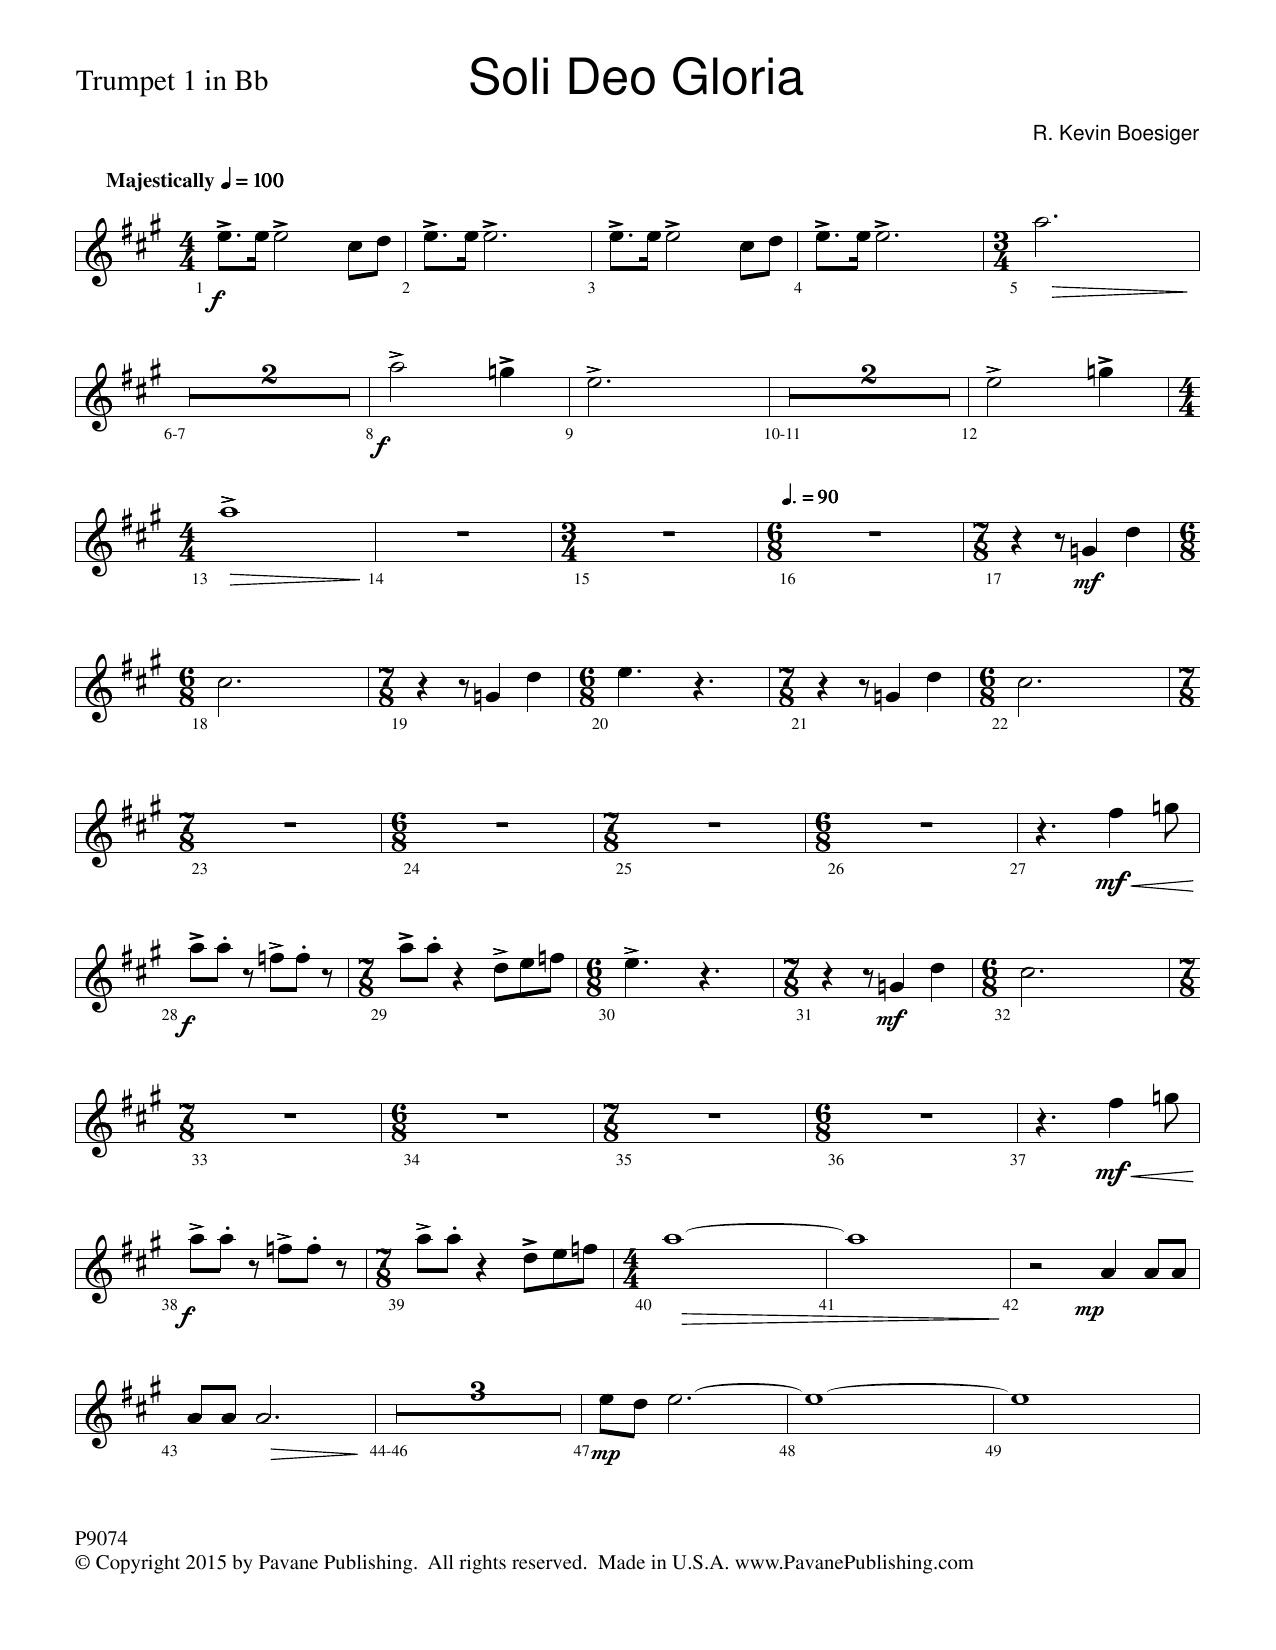 Soli Deo Gloria - Trumpet 1